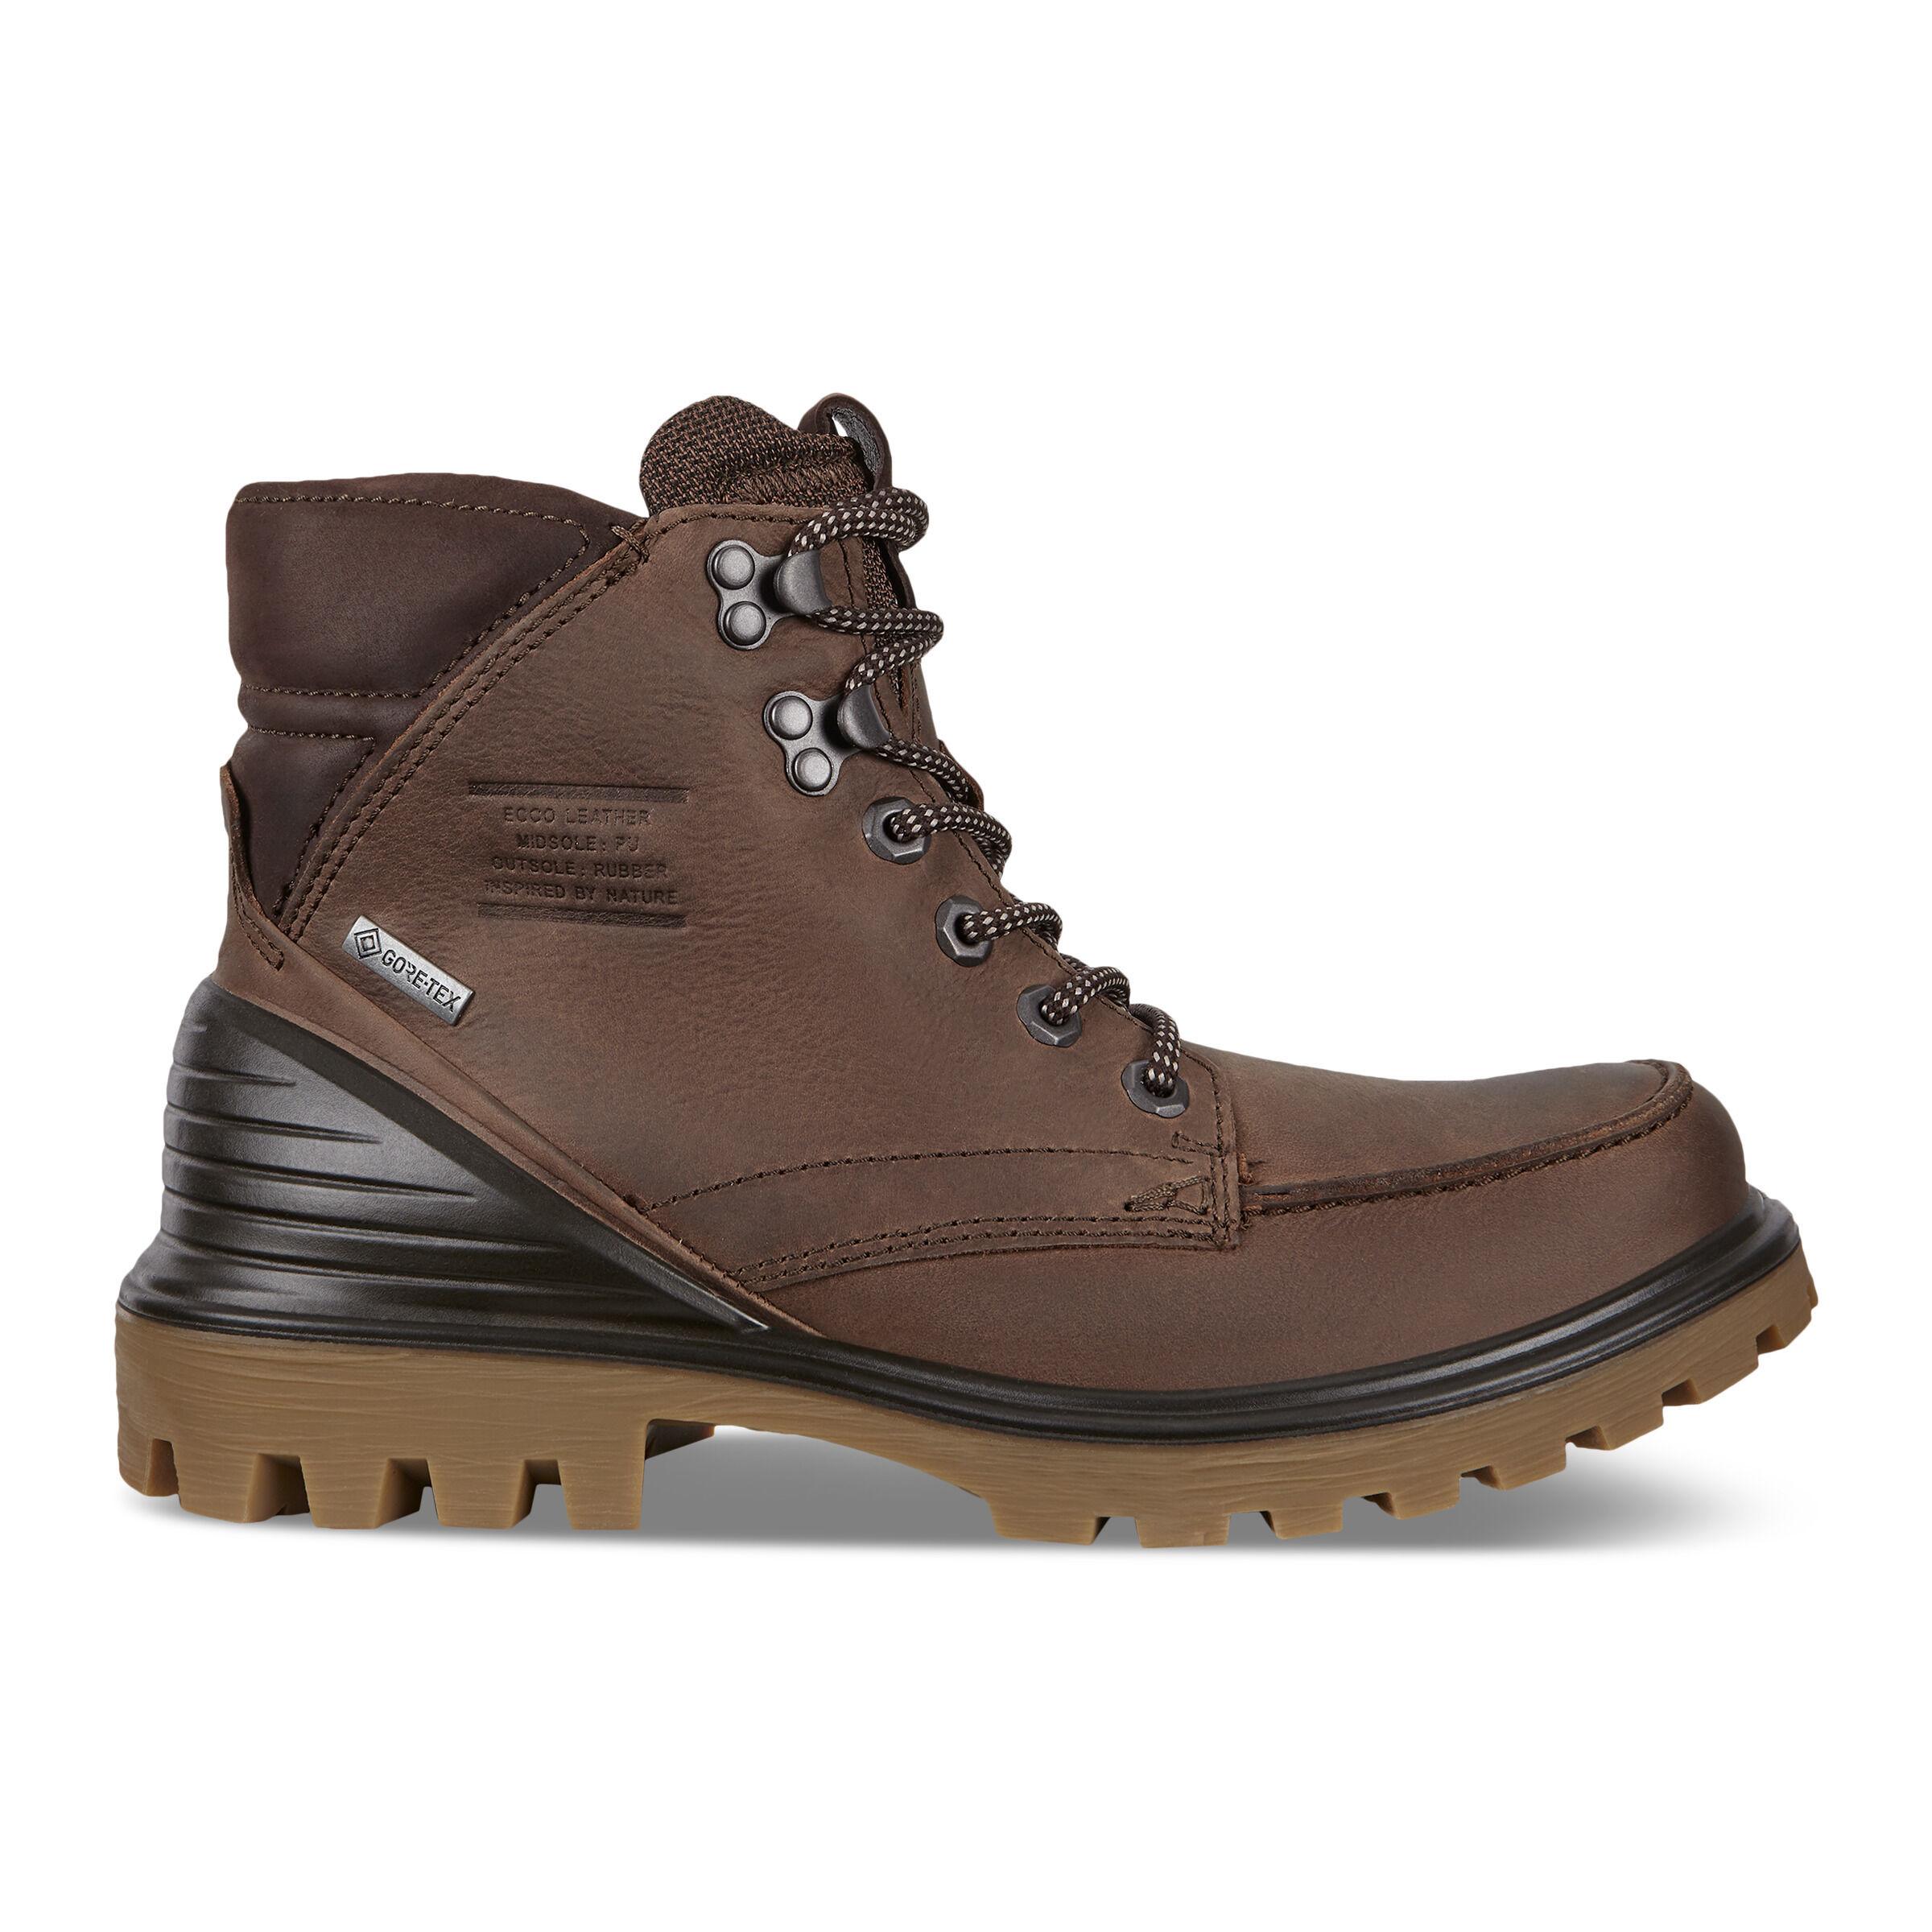 LocatorEcco® LocatorEcco® Store Store Shoes Store LocatorEcco® Shoes Shoes Shoes Store LocatorEcco® vwmOyN8n0